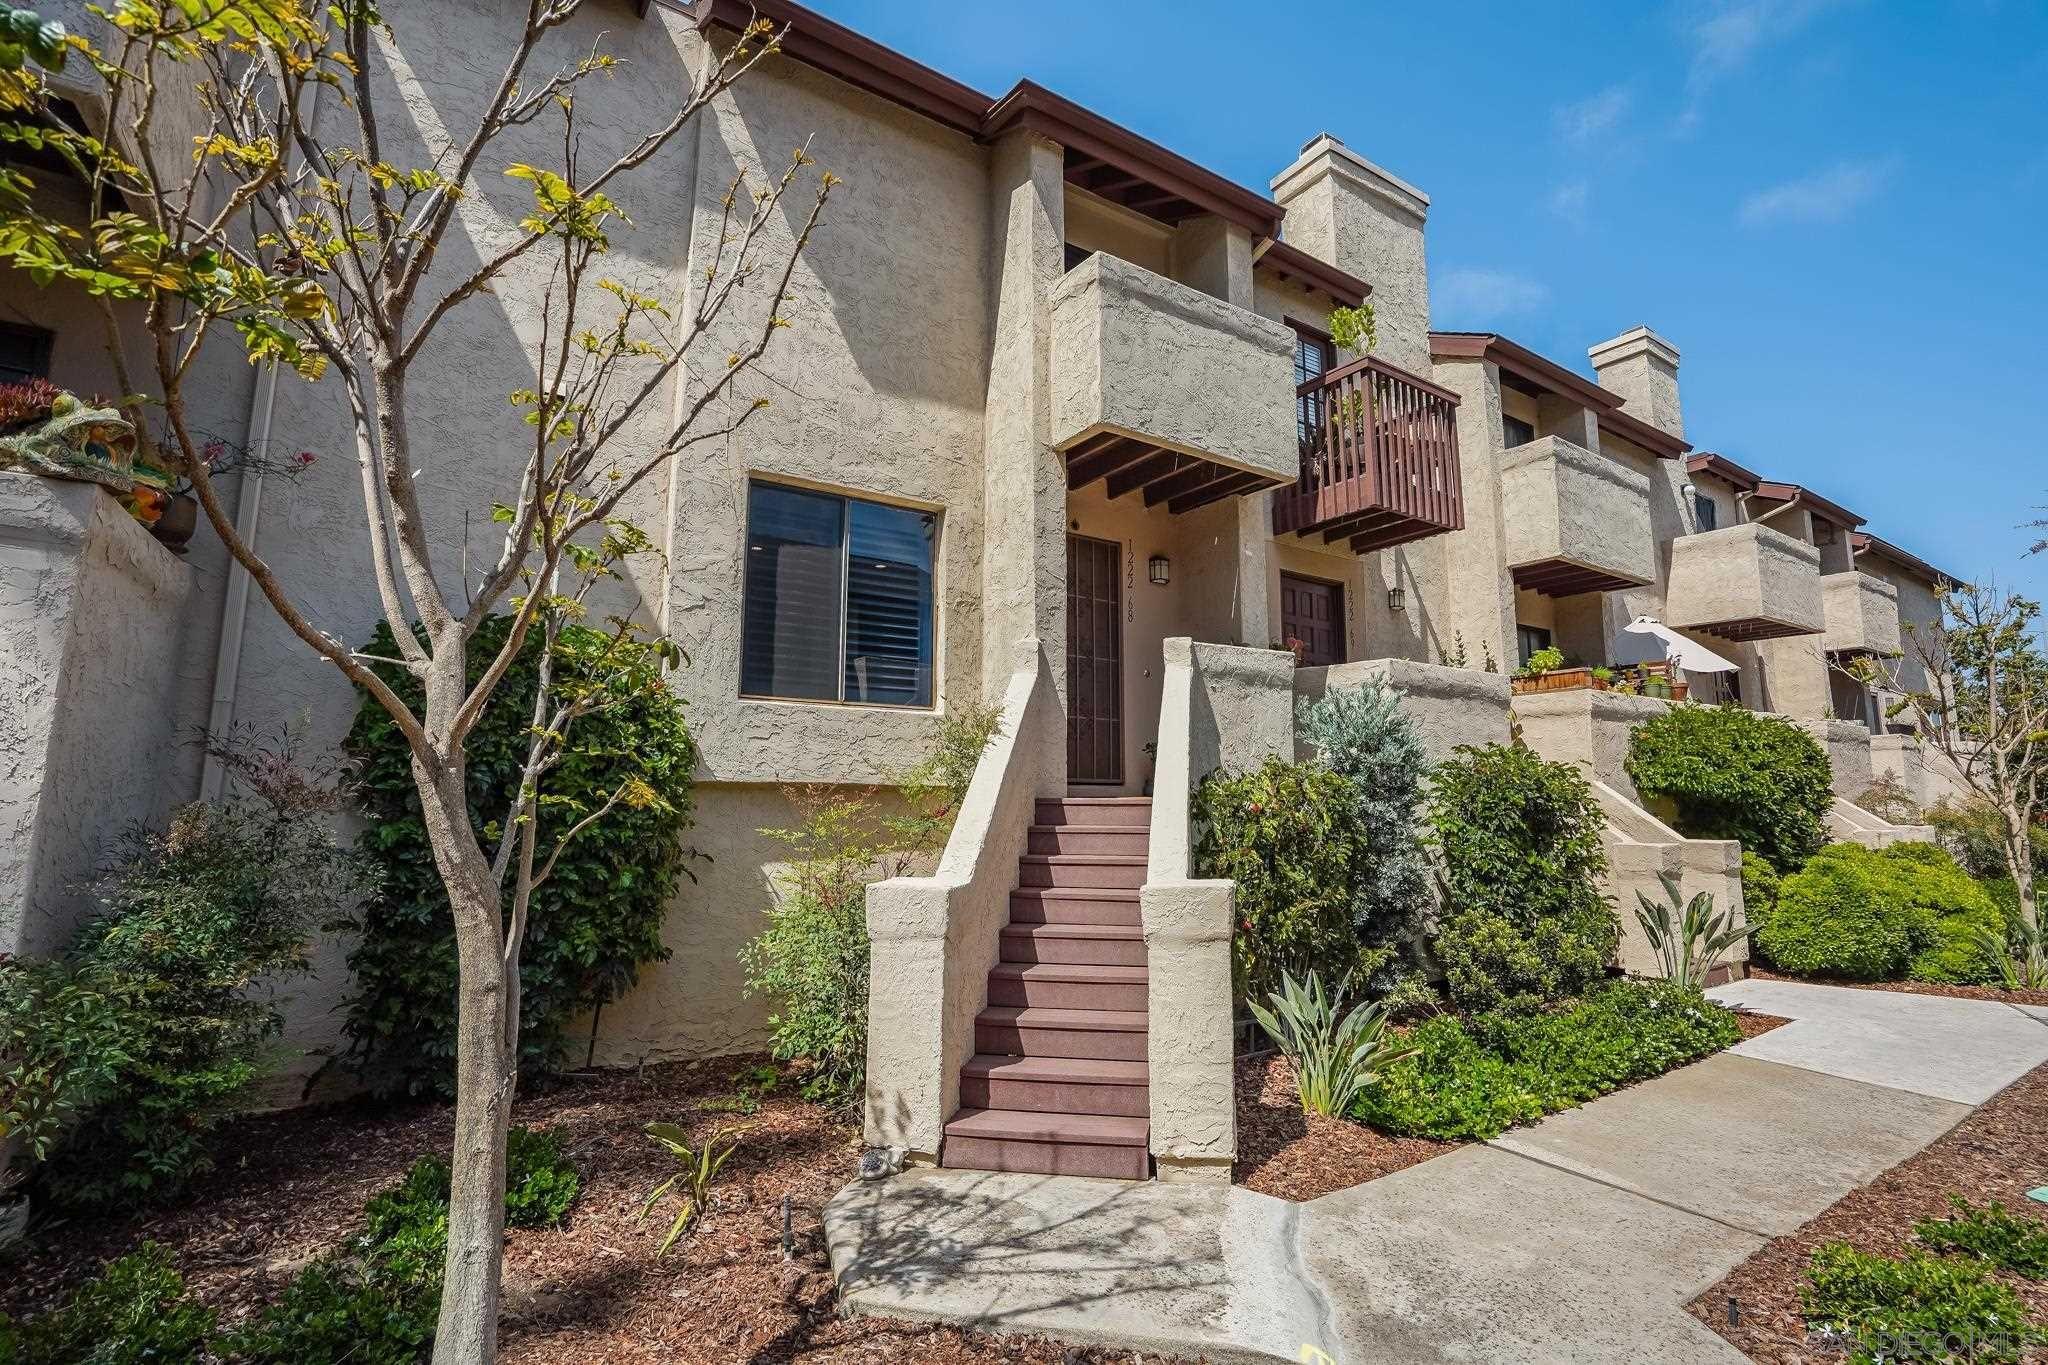 Main Photo: LINDA VISTA Condo for sale : 1 bedrooms : 1222 River Glen Row #68 in San Diego